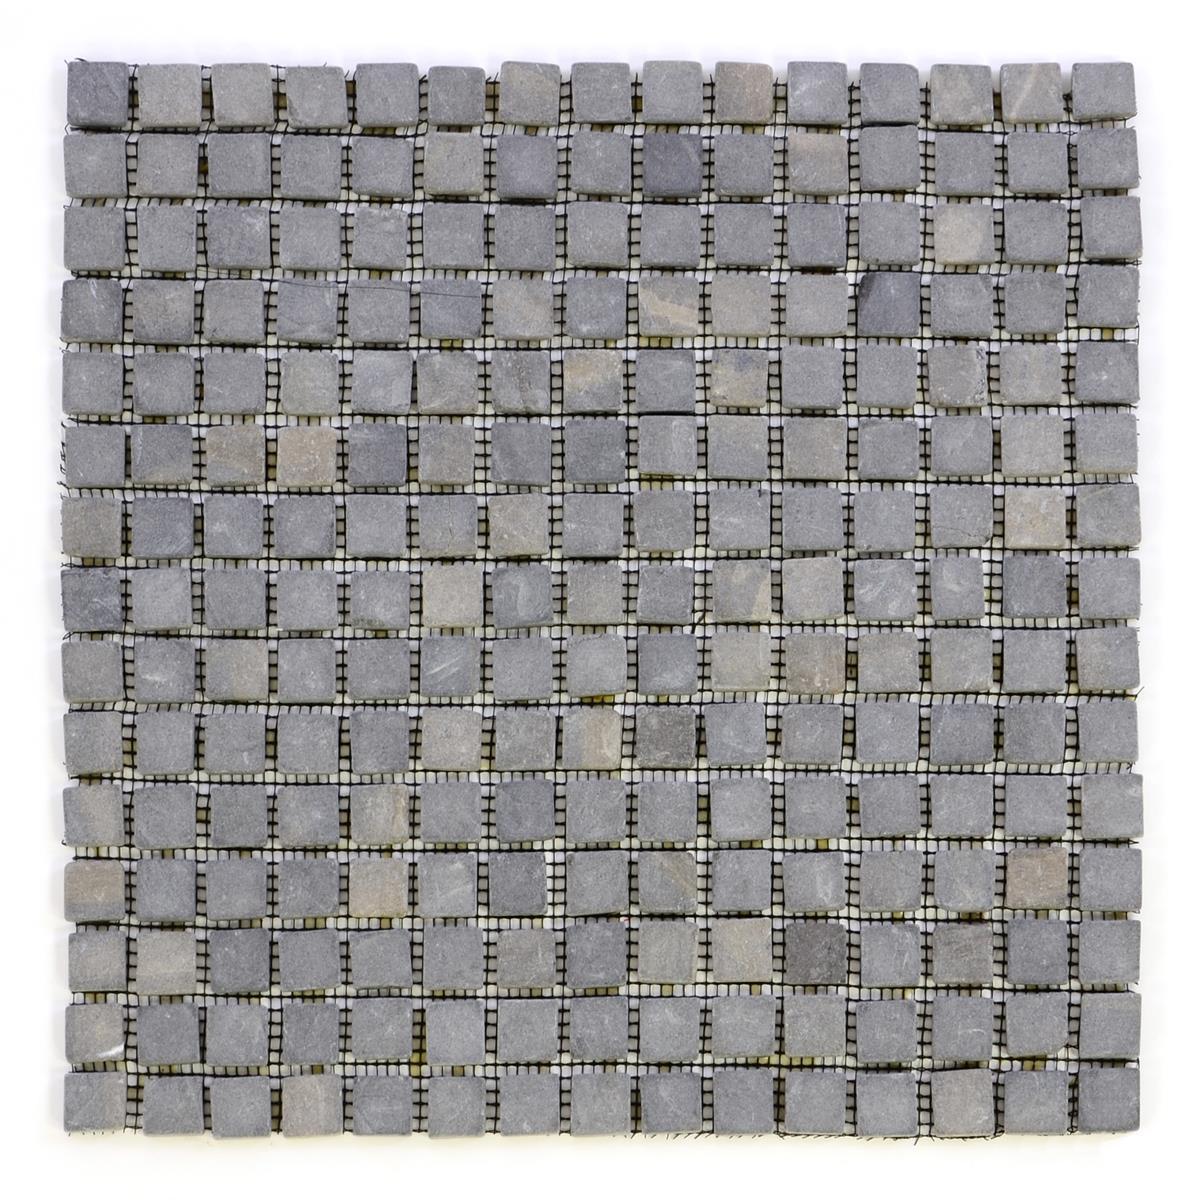 DIVERO 11 Fliesenmatten Naturstein Mosaik Marmor grau á 30 x 30 cm